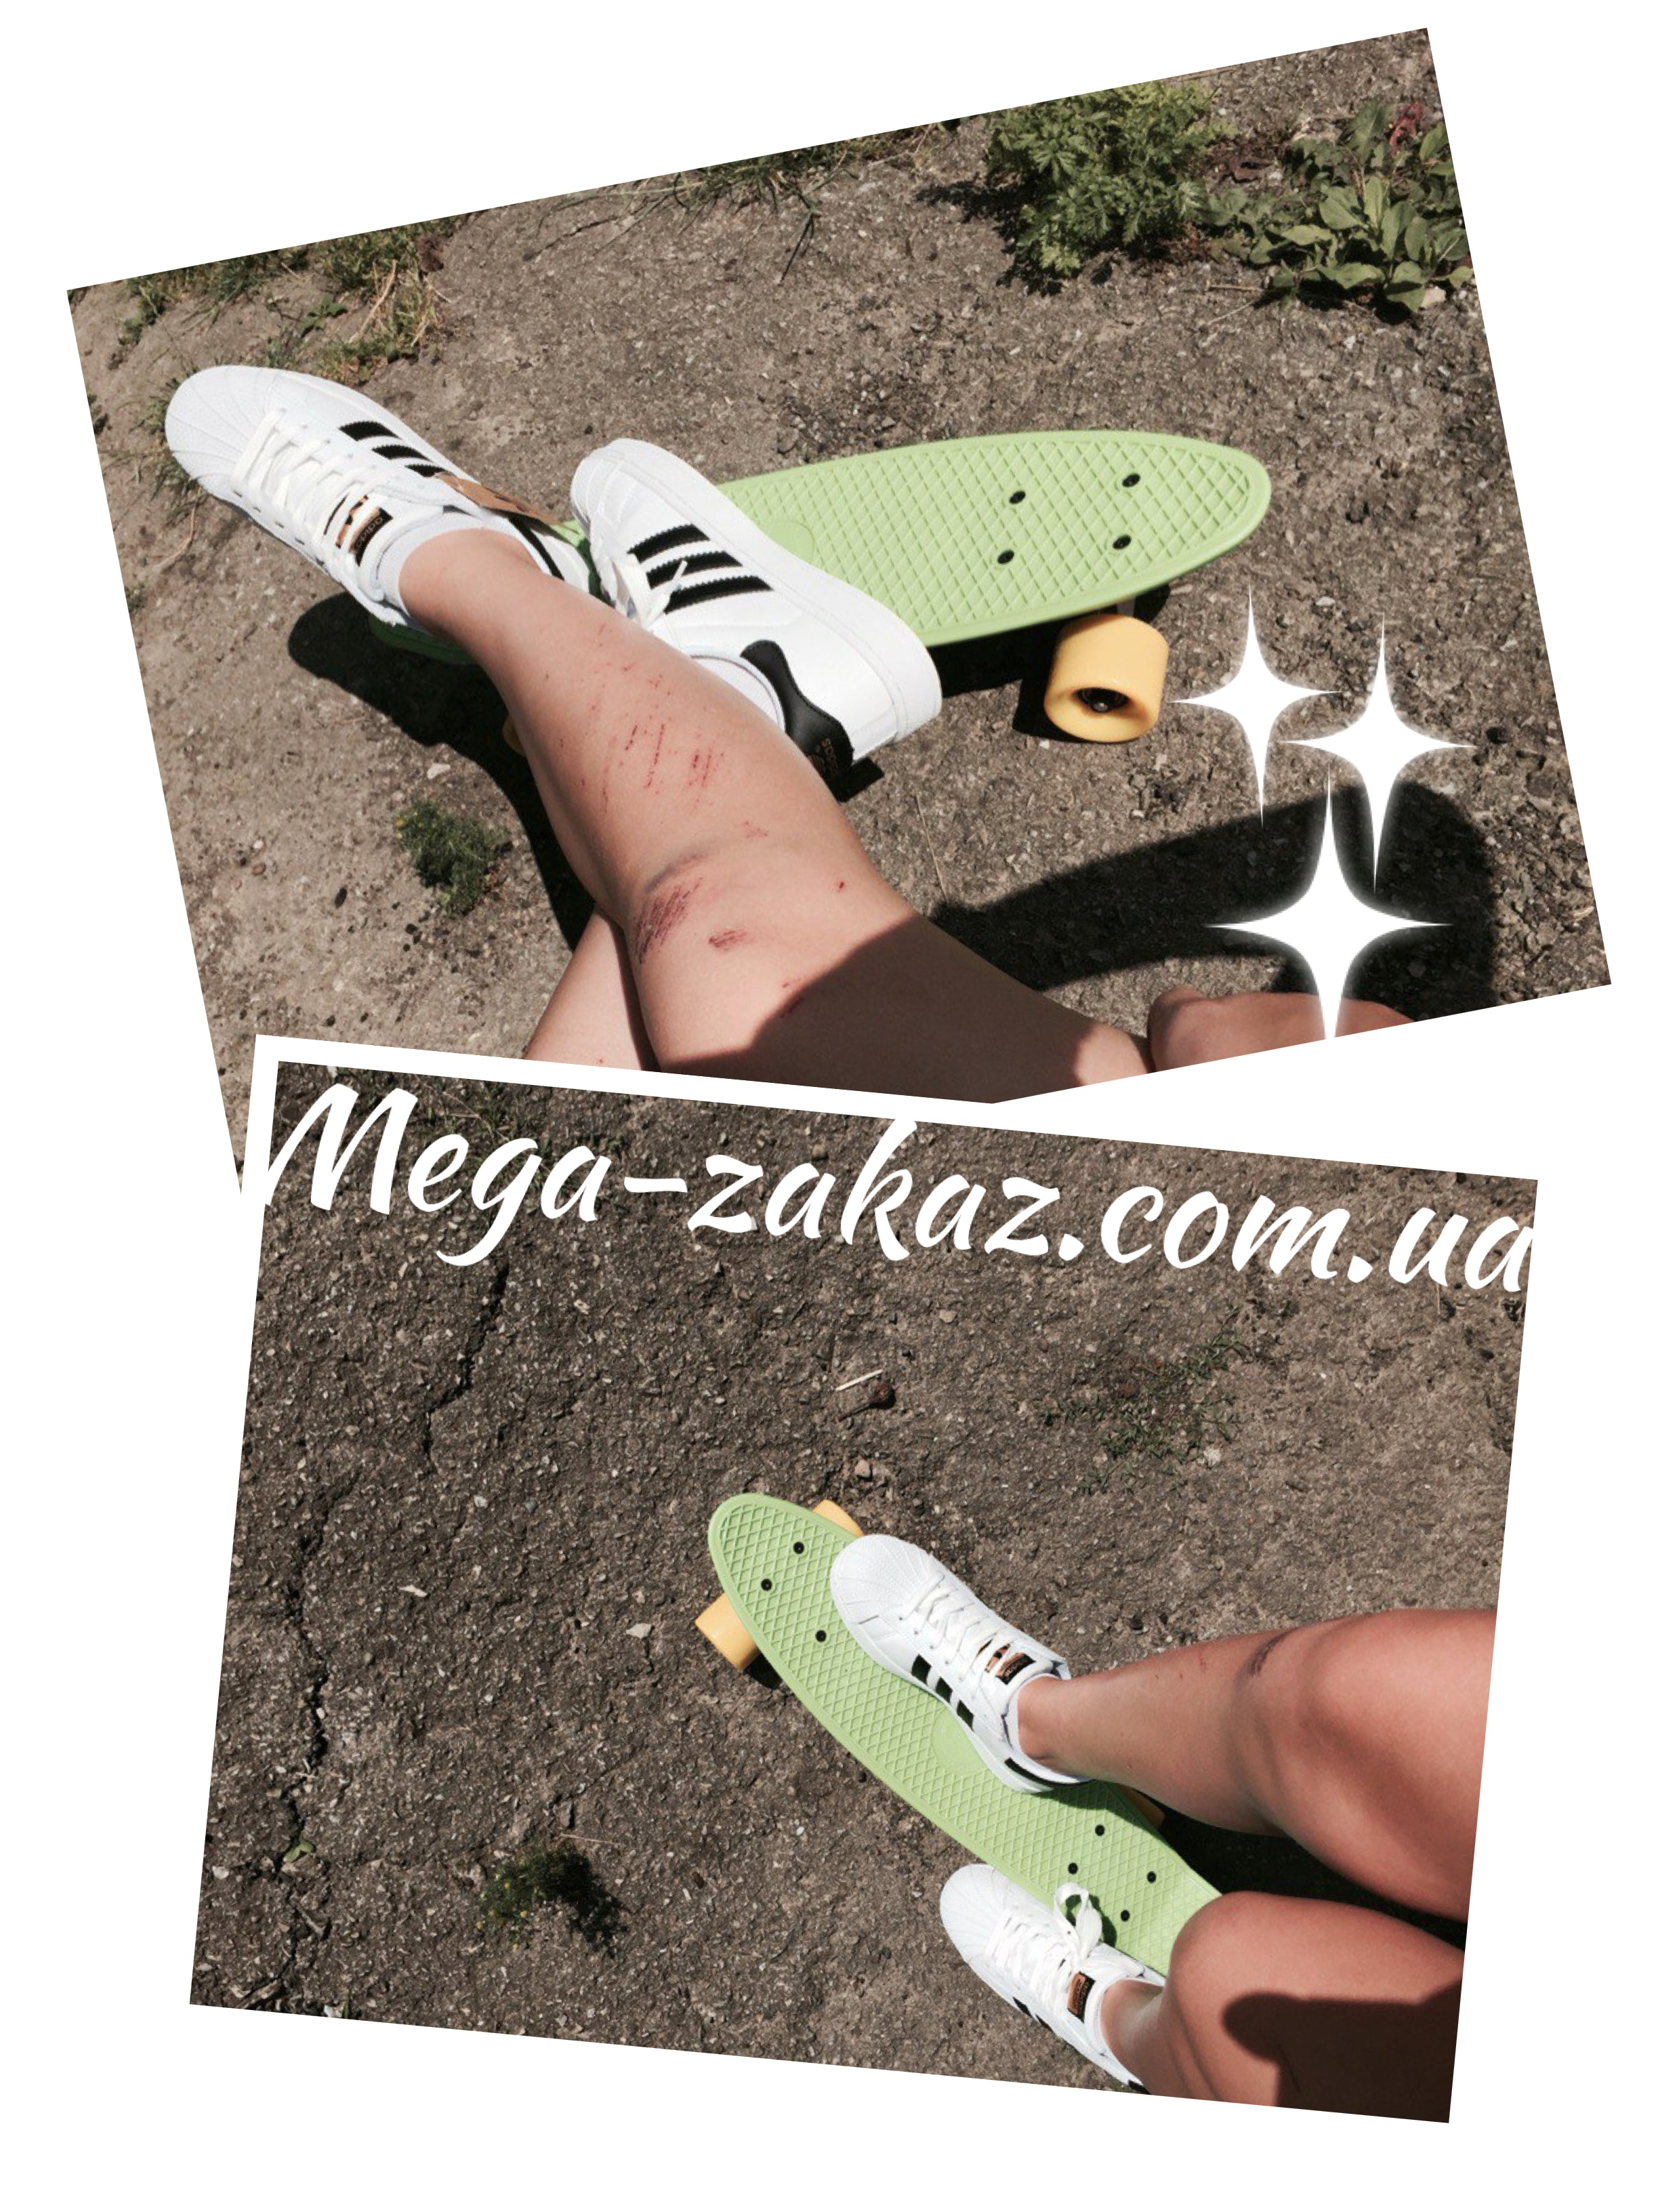 https://mega-zakaz.com.ua/images/upload/image-06-07-16-12-29.jpeg